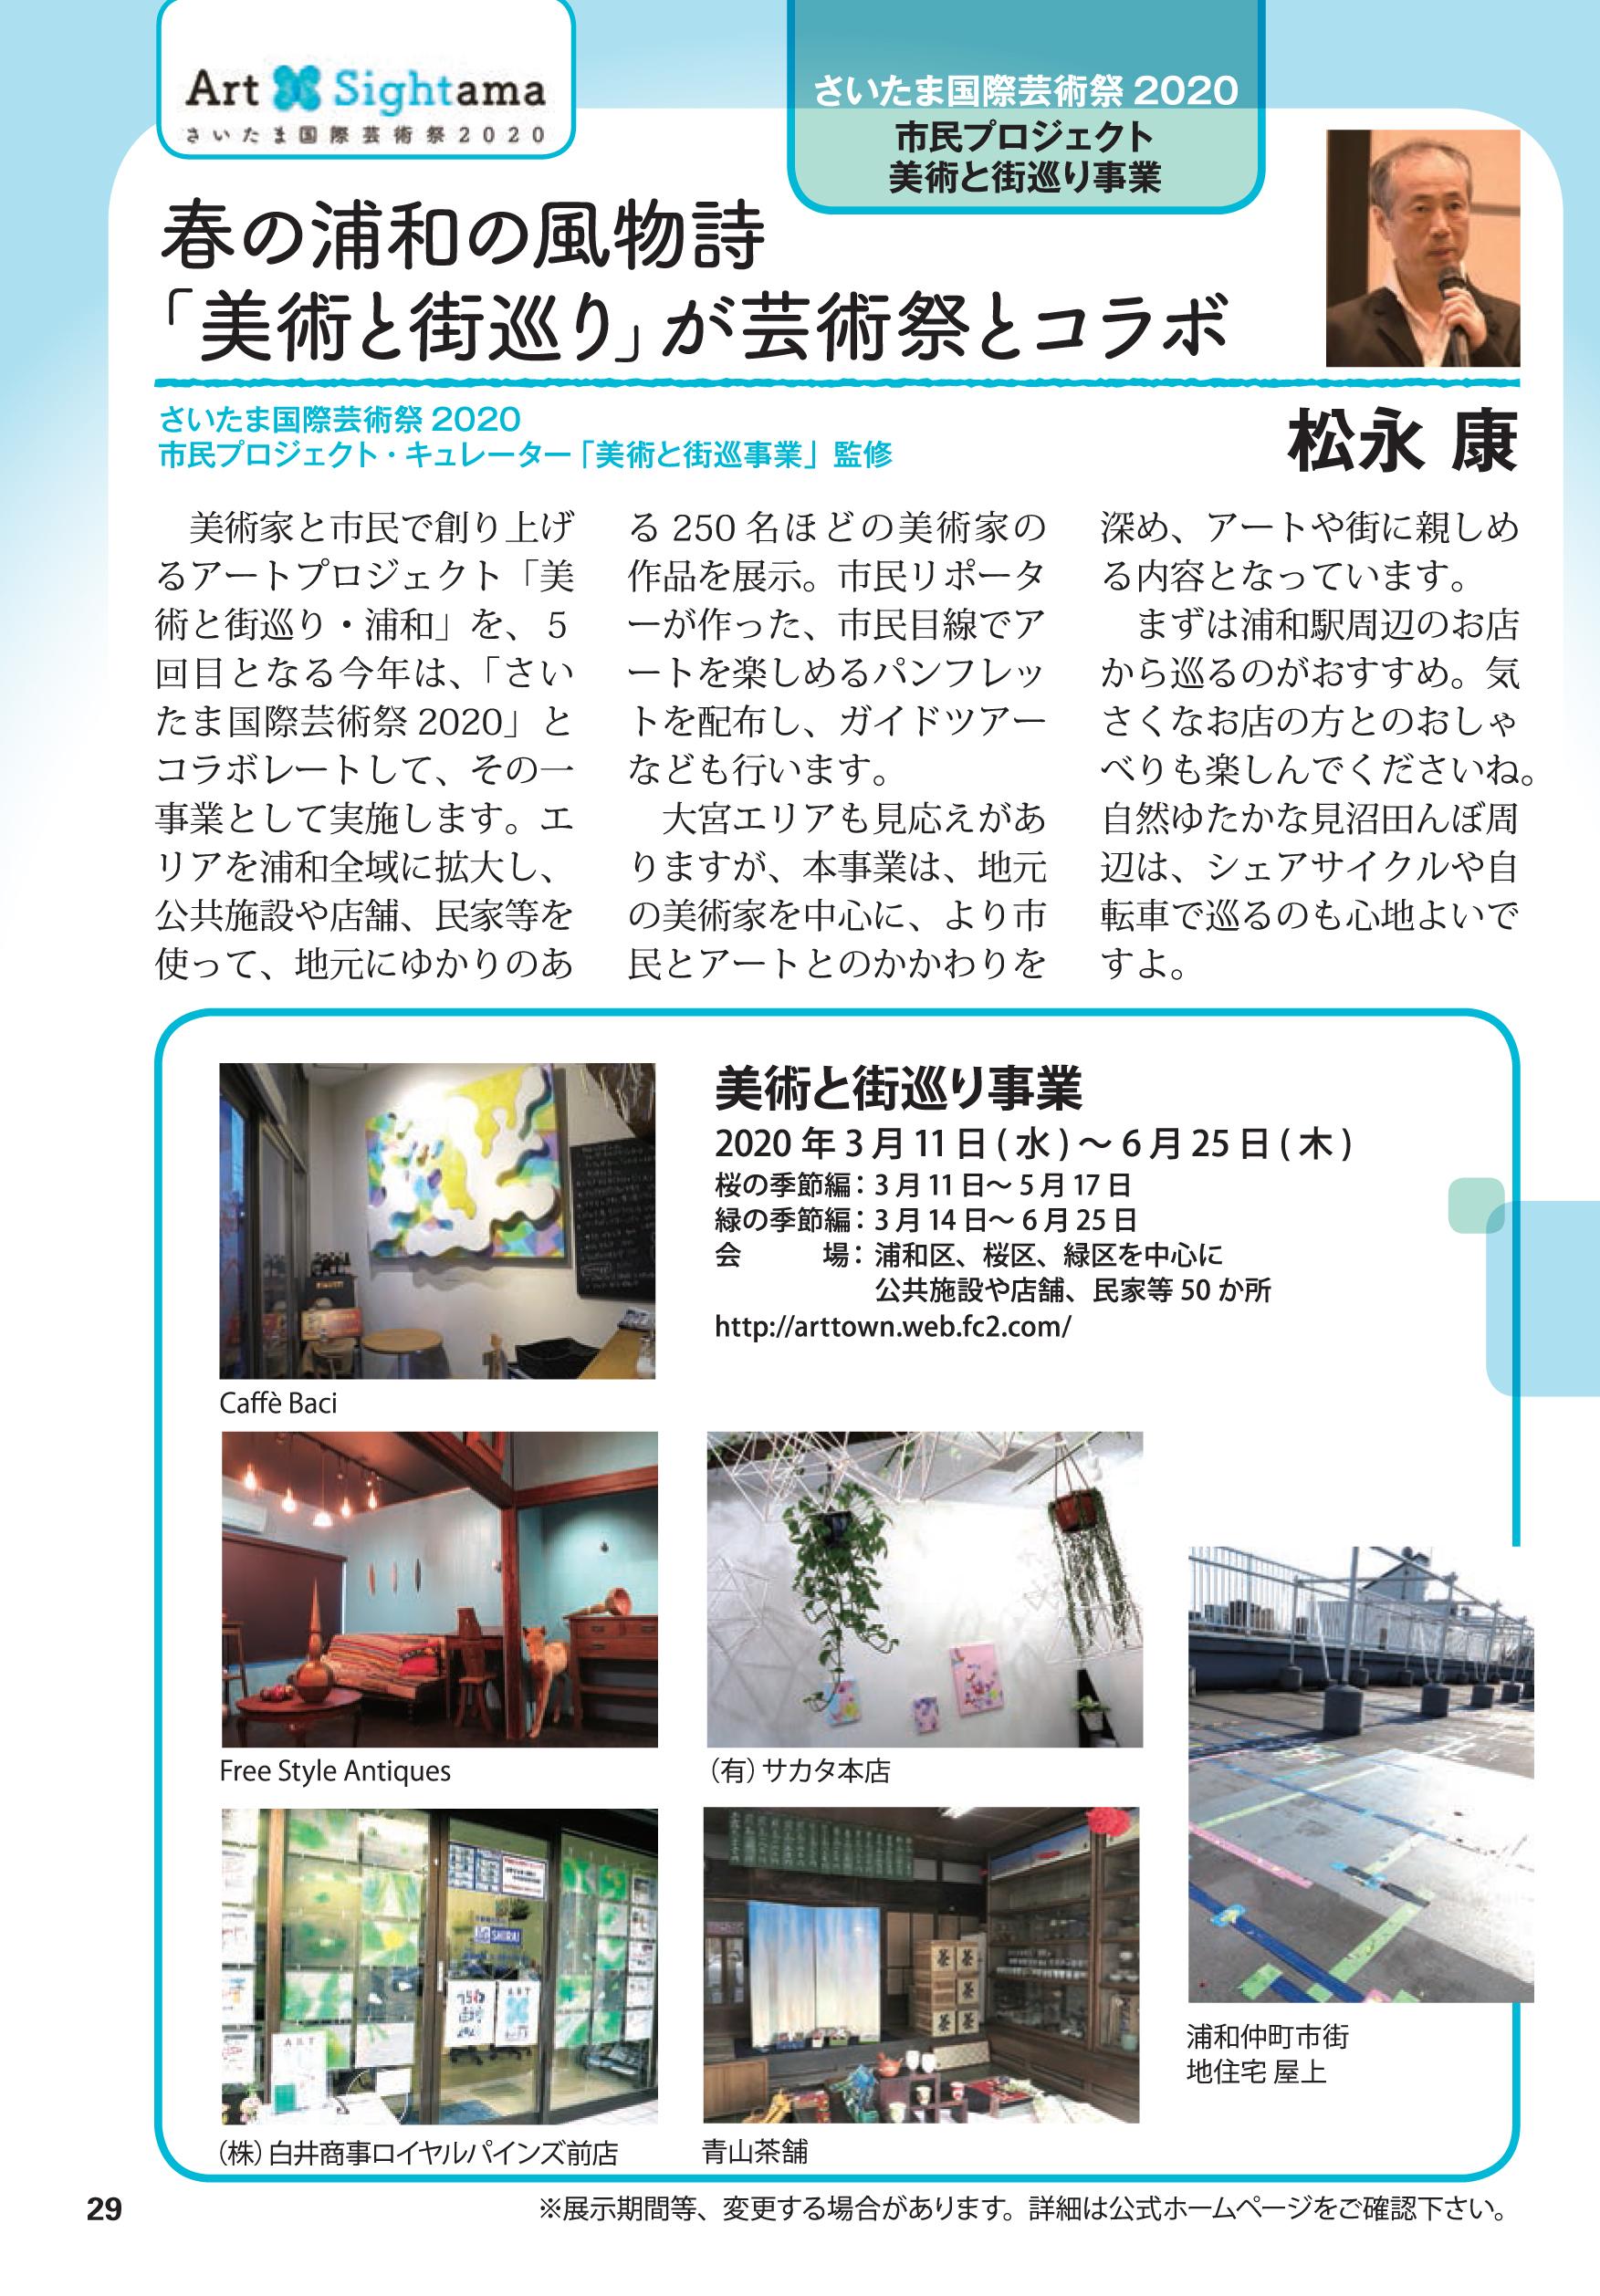 さいたま国際芸術祭2020 美術と街巡り浦和 増永康